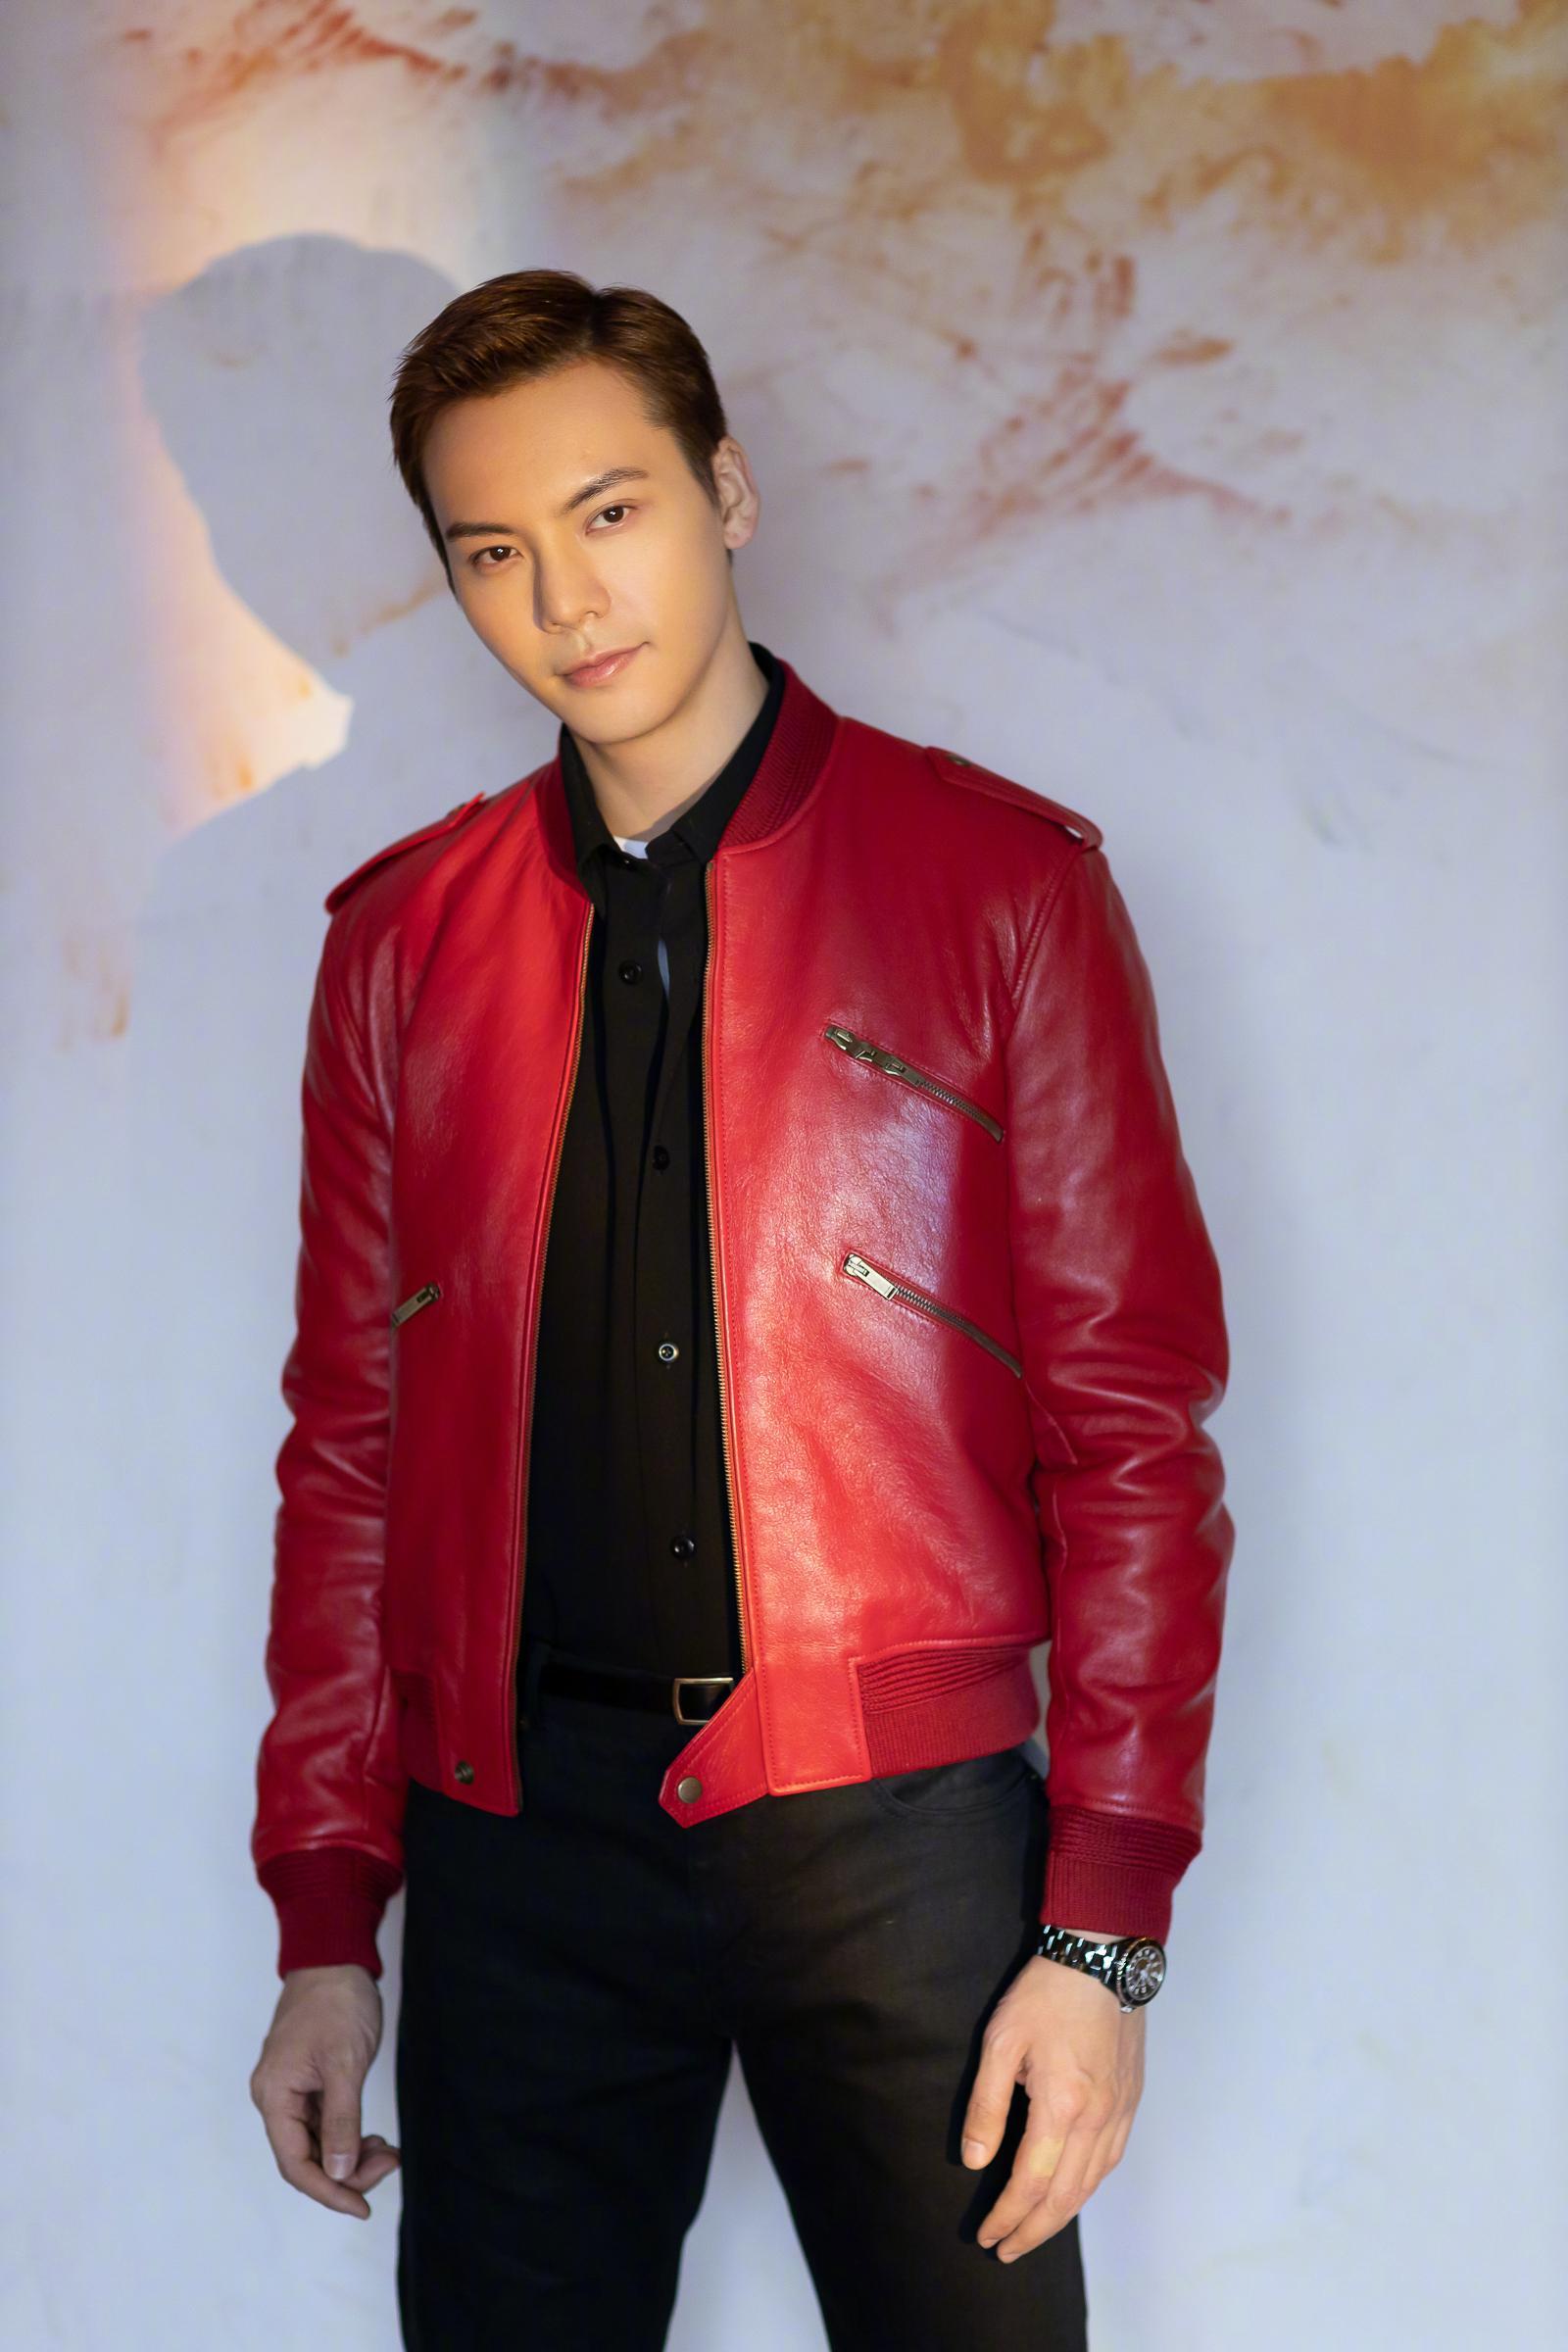 身穿Saint Laurent 红色皮衣